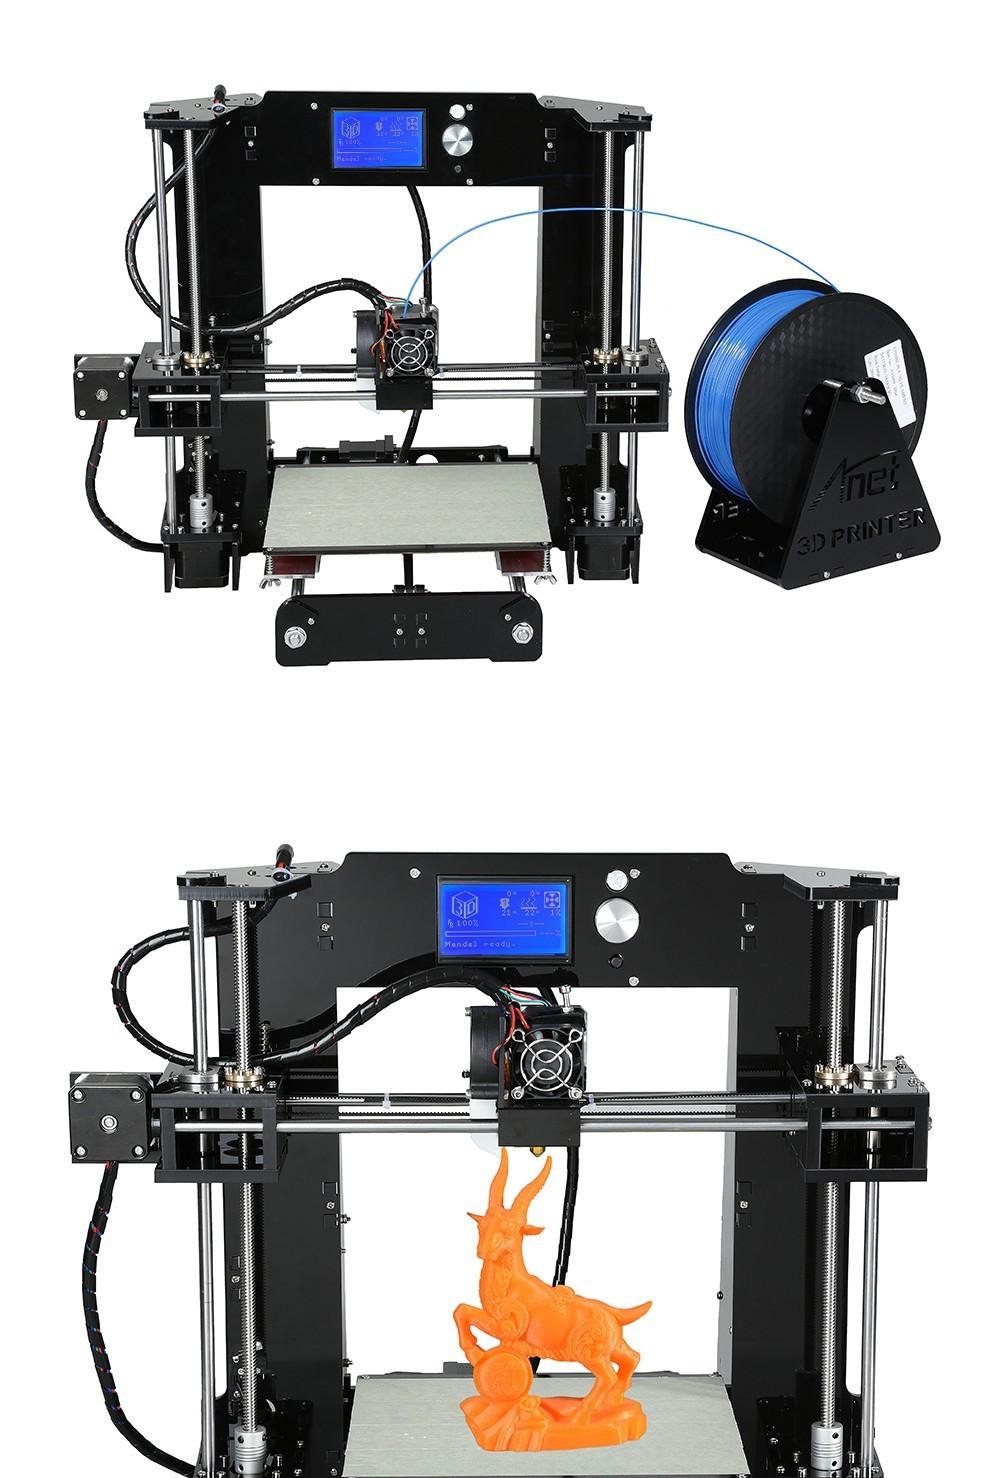 Date Amélioré Pleine Acrylique Cadre 3D Imprimante BRICOLAGE Anet A6 Taille 220*220*250mm Reprap Prusa i3 3D Imprimante Kit DIY